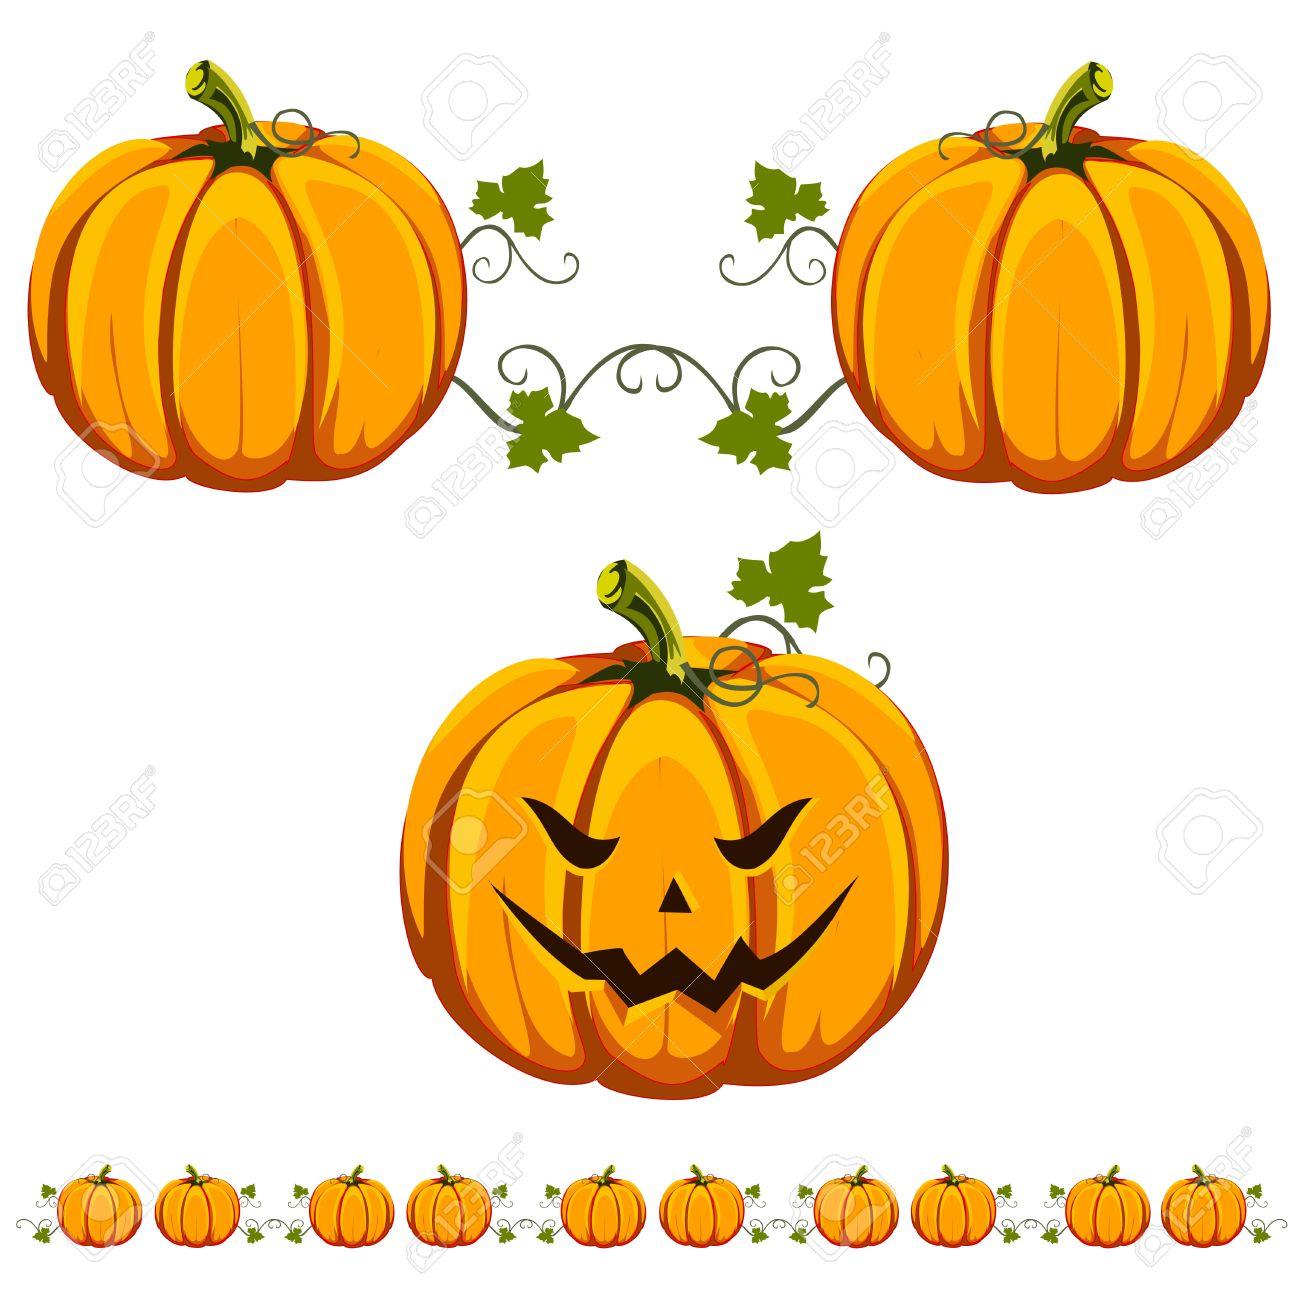 A Cut Halloween Pumpkin, And An Interesting Pumpkin Pattern. Royalty ...